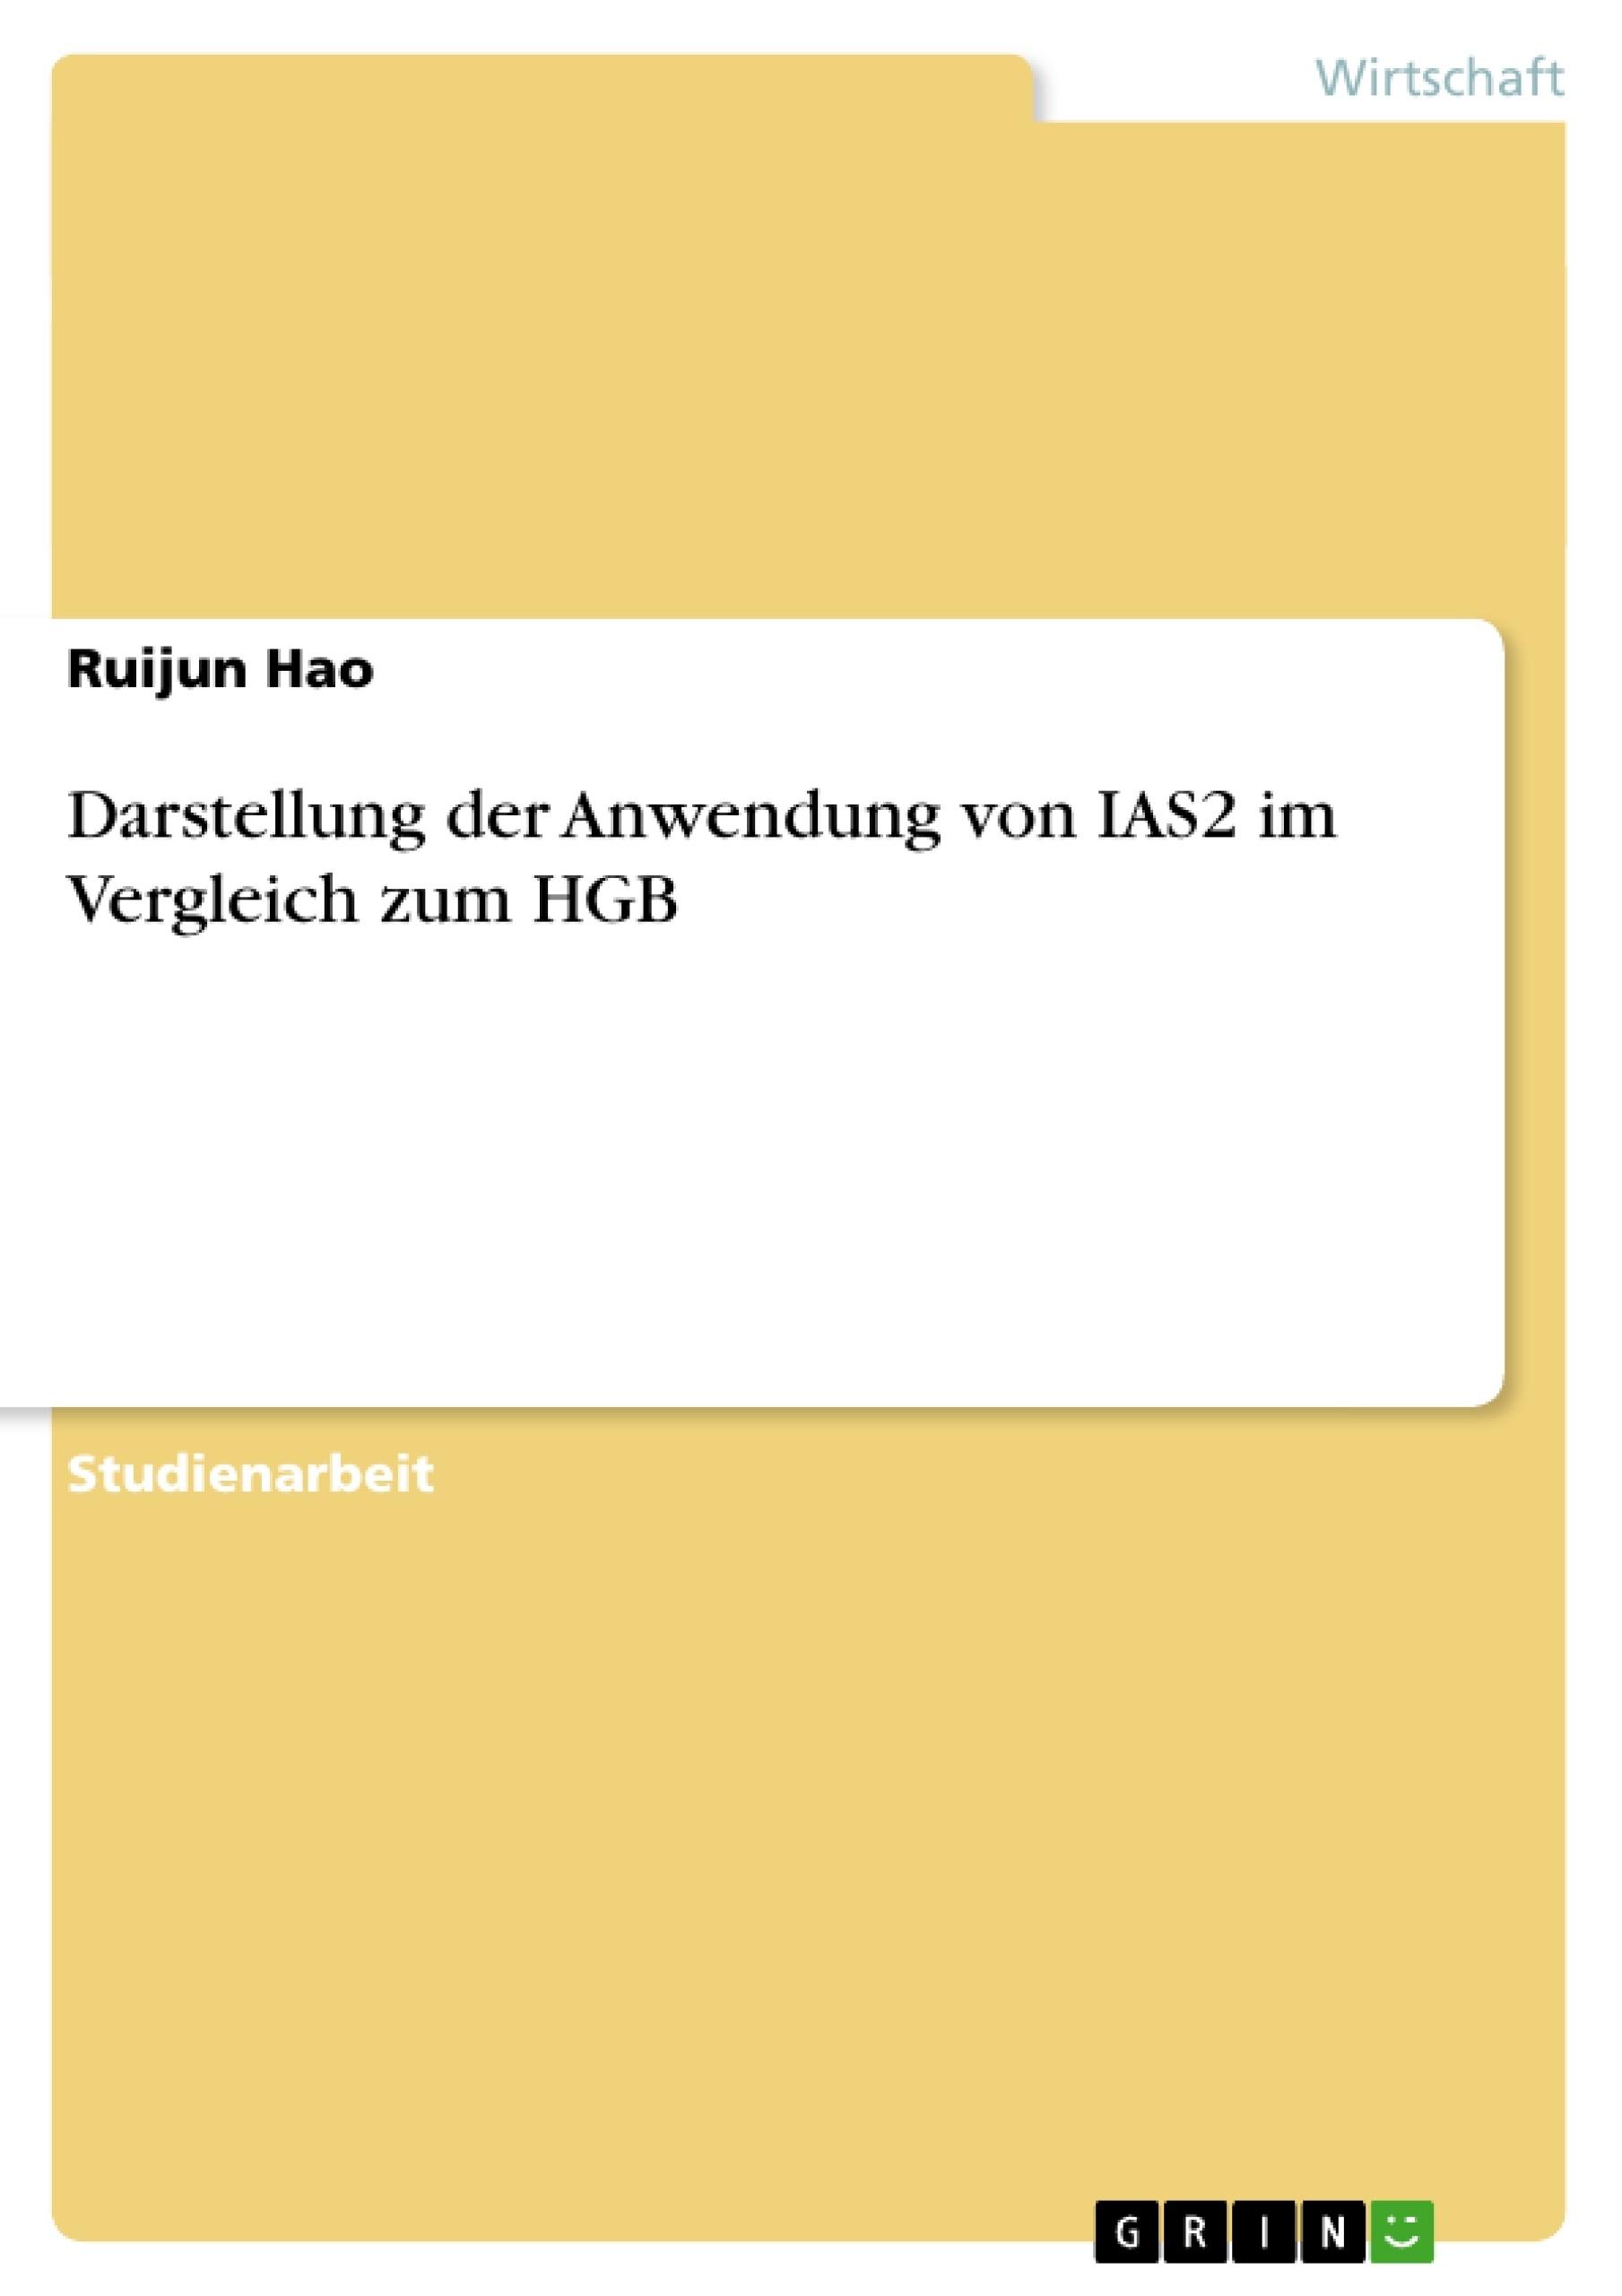 Titel: Darstellung der Anwendung von IAS2 im Vergleich zum HGB